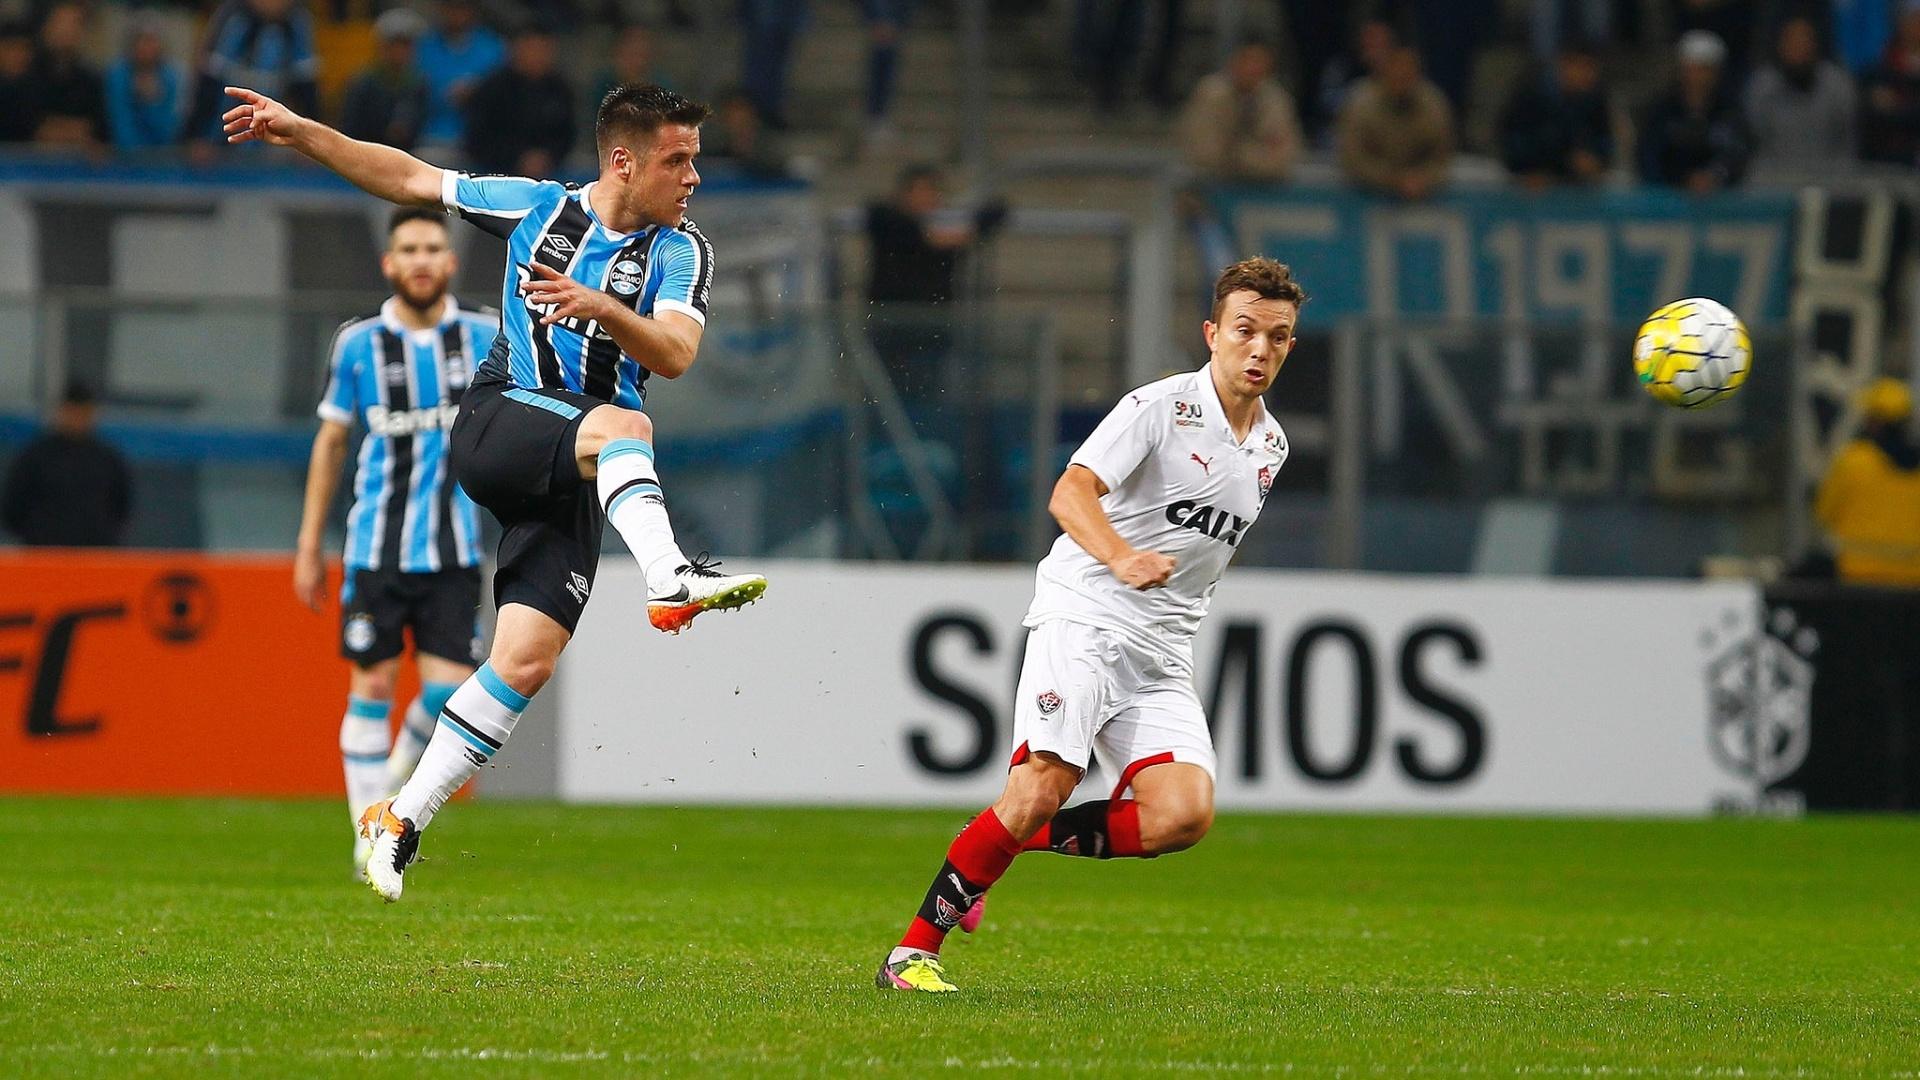 Ramiro afasta a bola de Dagoberto no confronto entre Grêmio e Vitória